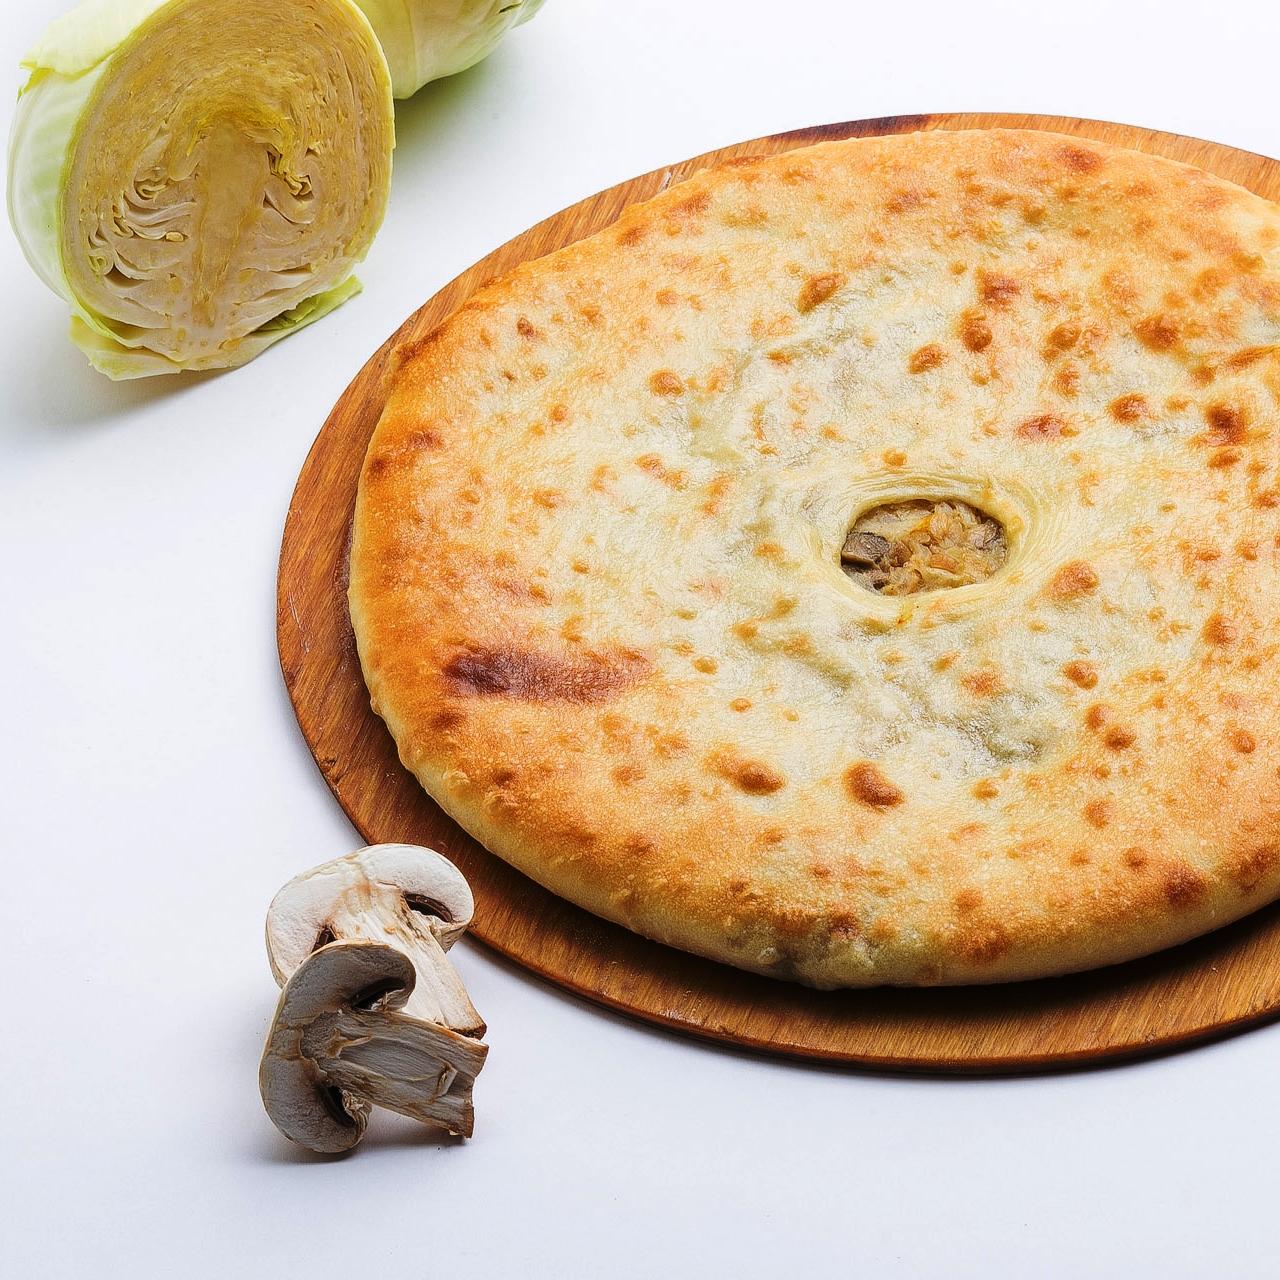 Чизкейк с маскарпоне и творогом рецепт пошагово